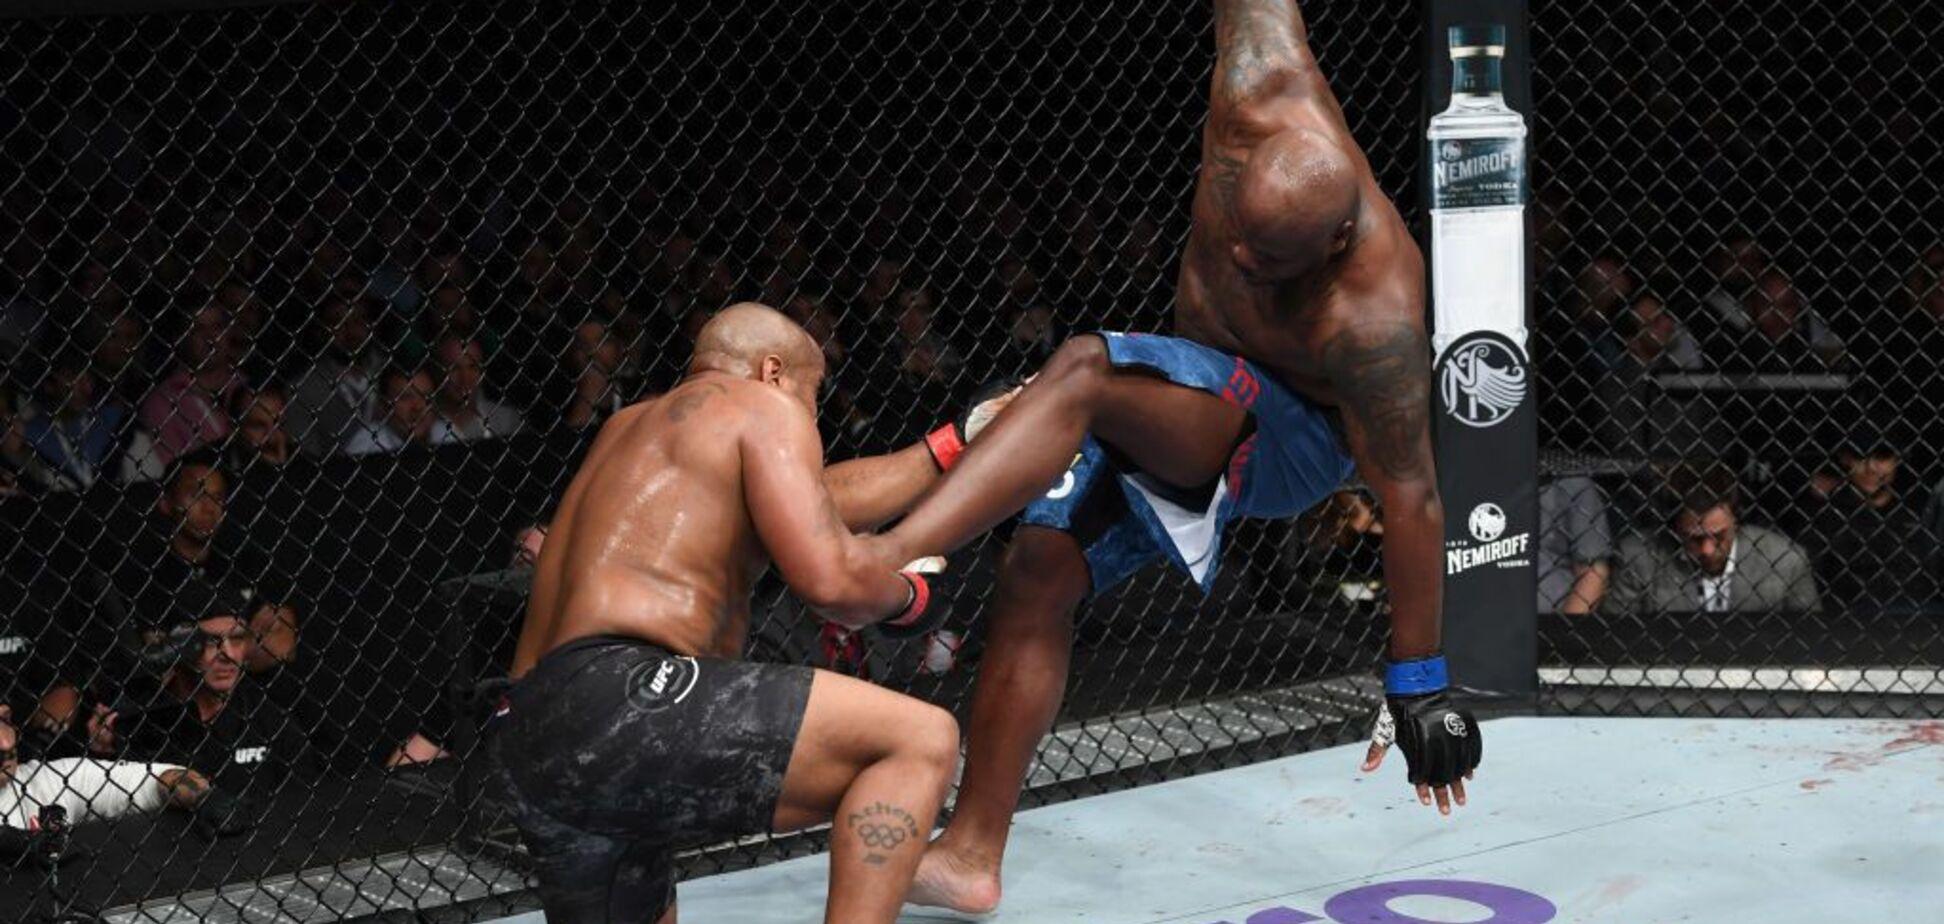 Знаменитый чемпион UFC чихнул и получил тяжелую травму, лишившись боев